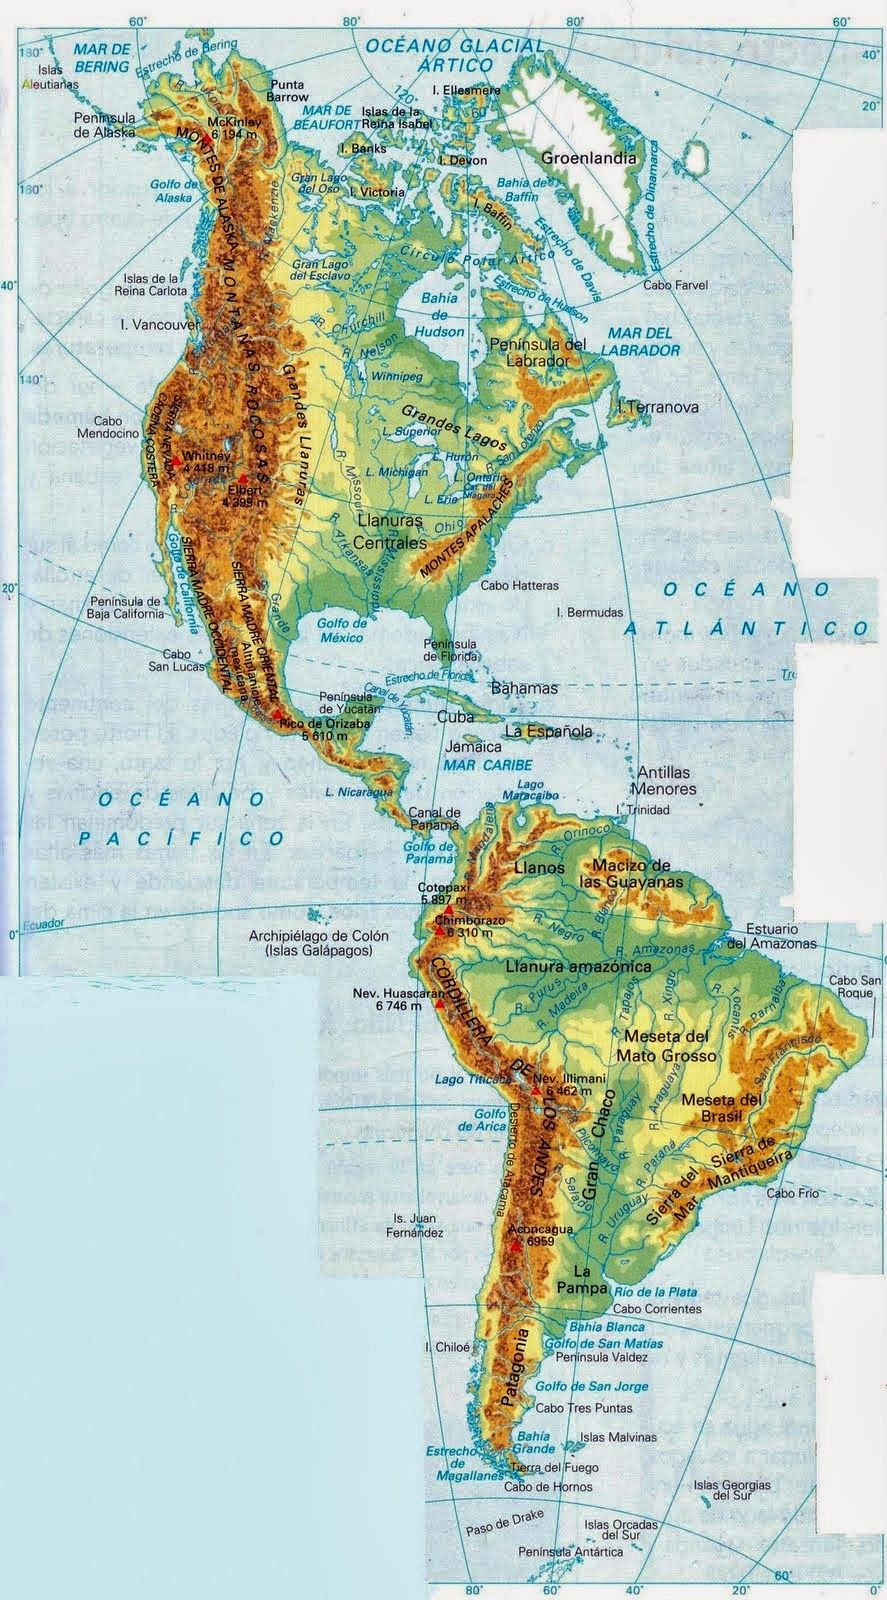 Mapa Fisico De America.Atr Perro Cumbia Cajeteala Piola Gato Turururururuuuuuuuu